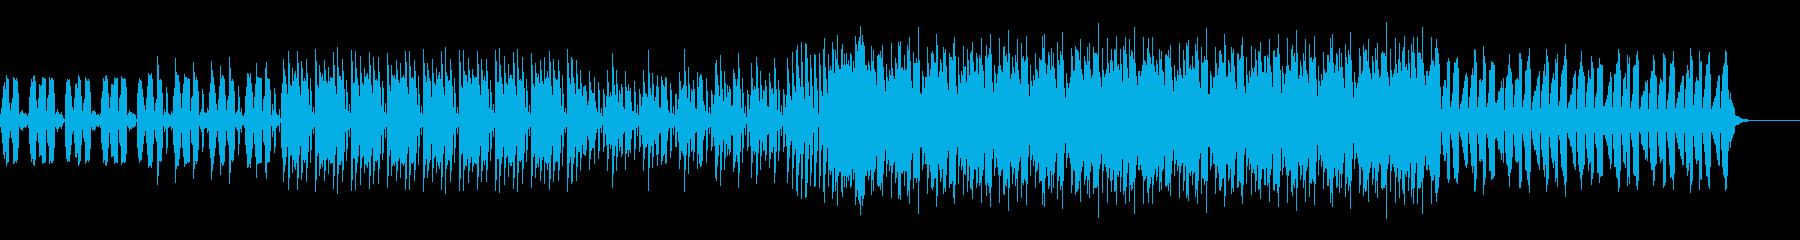 力強いビートのピアノバッキングEDMの再生済みの波形